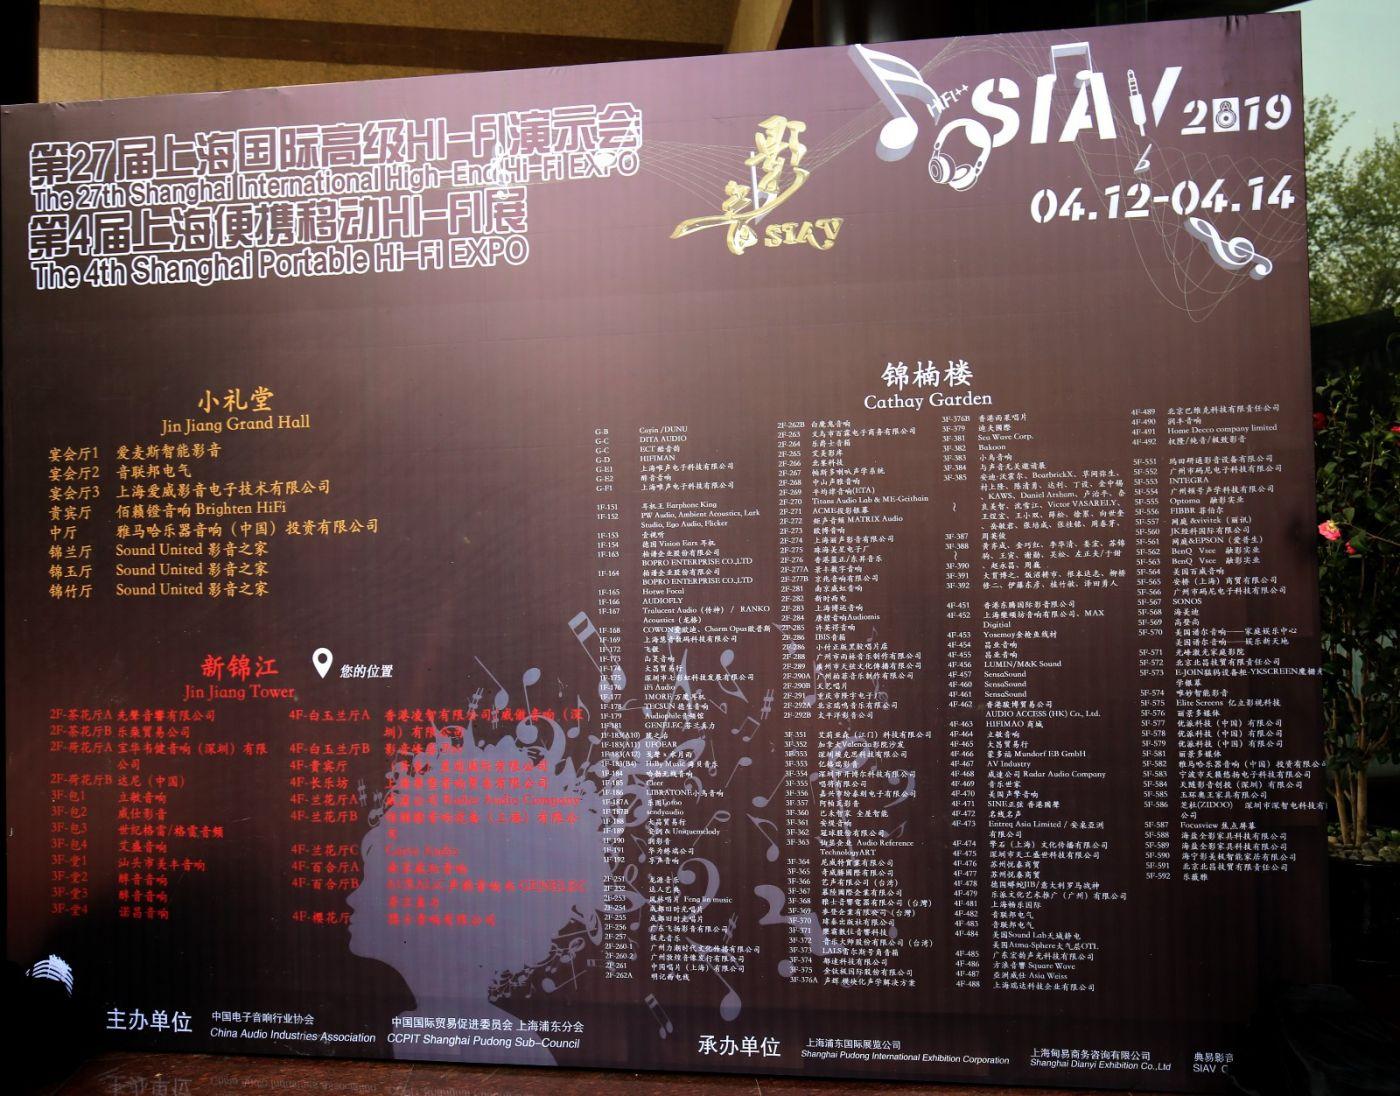 走马看花2019上海国际高级HI-FI音响展_图1-1